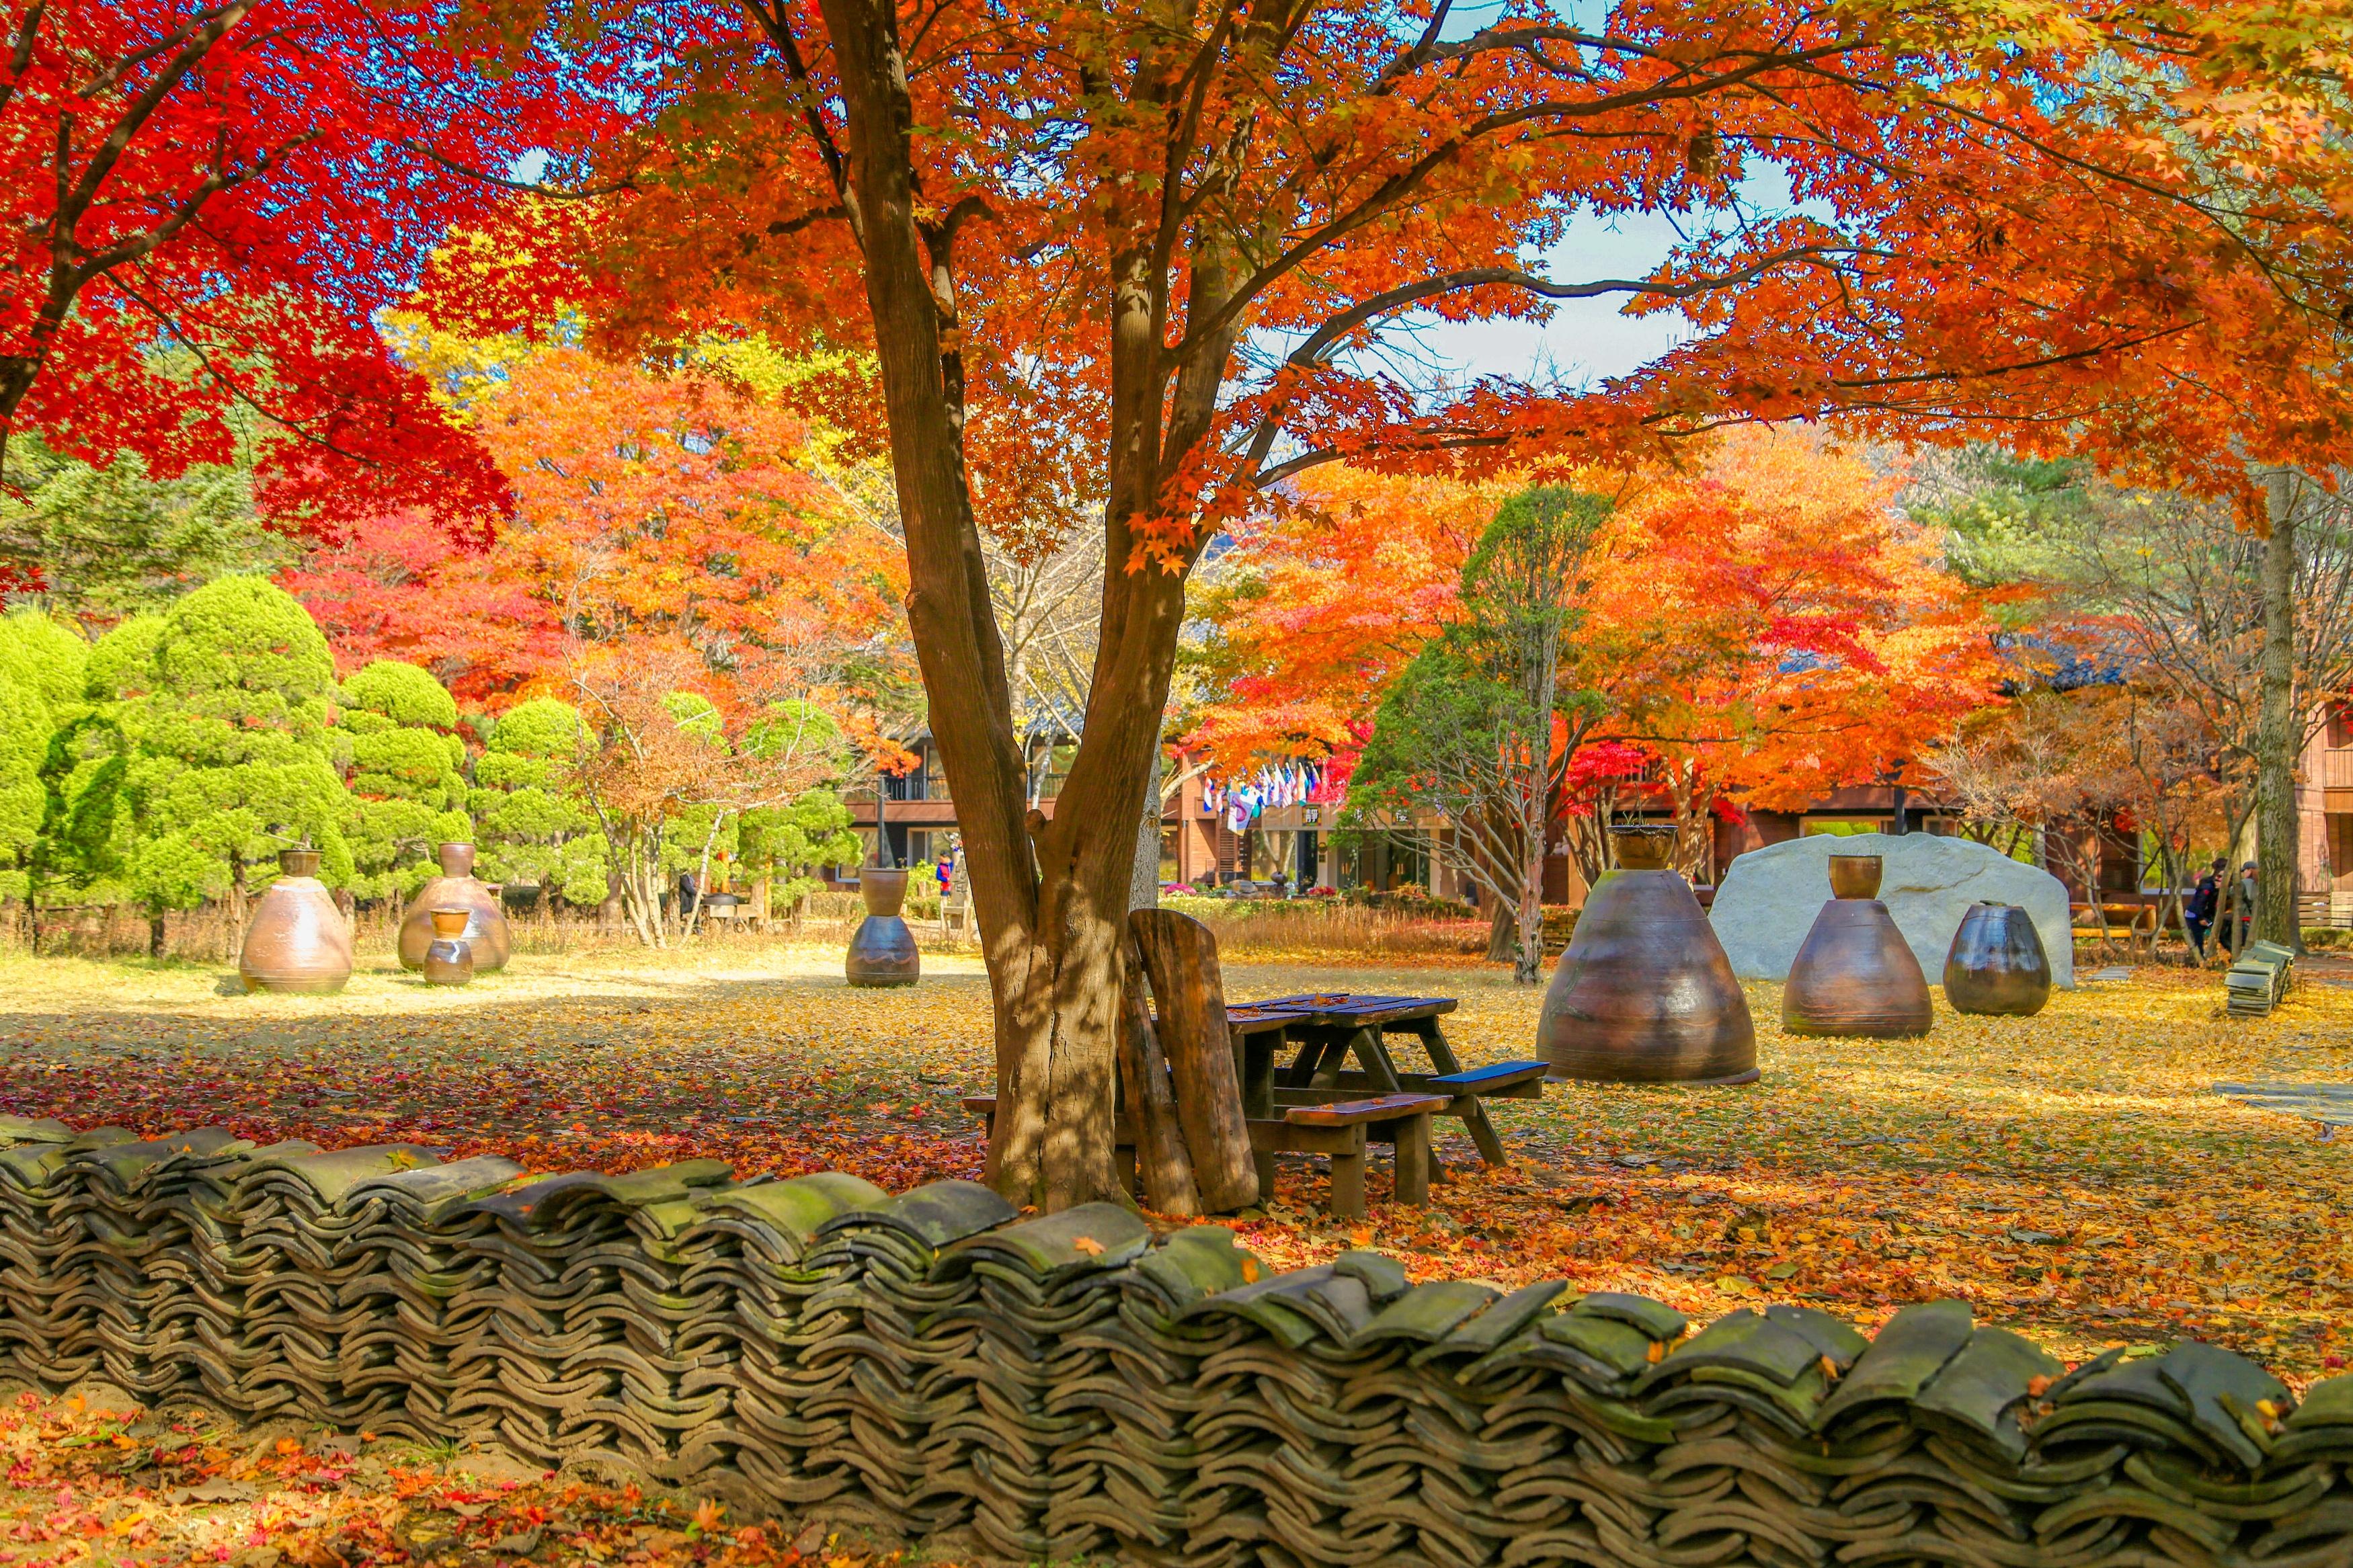 韓國春川市南怡島/晨安公園一日遊(首爾往返接送巴士含門票)